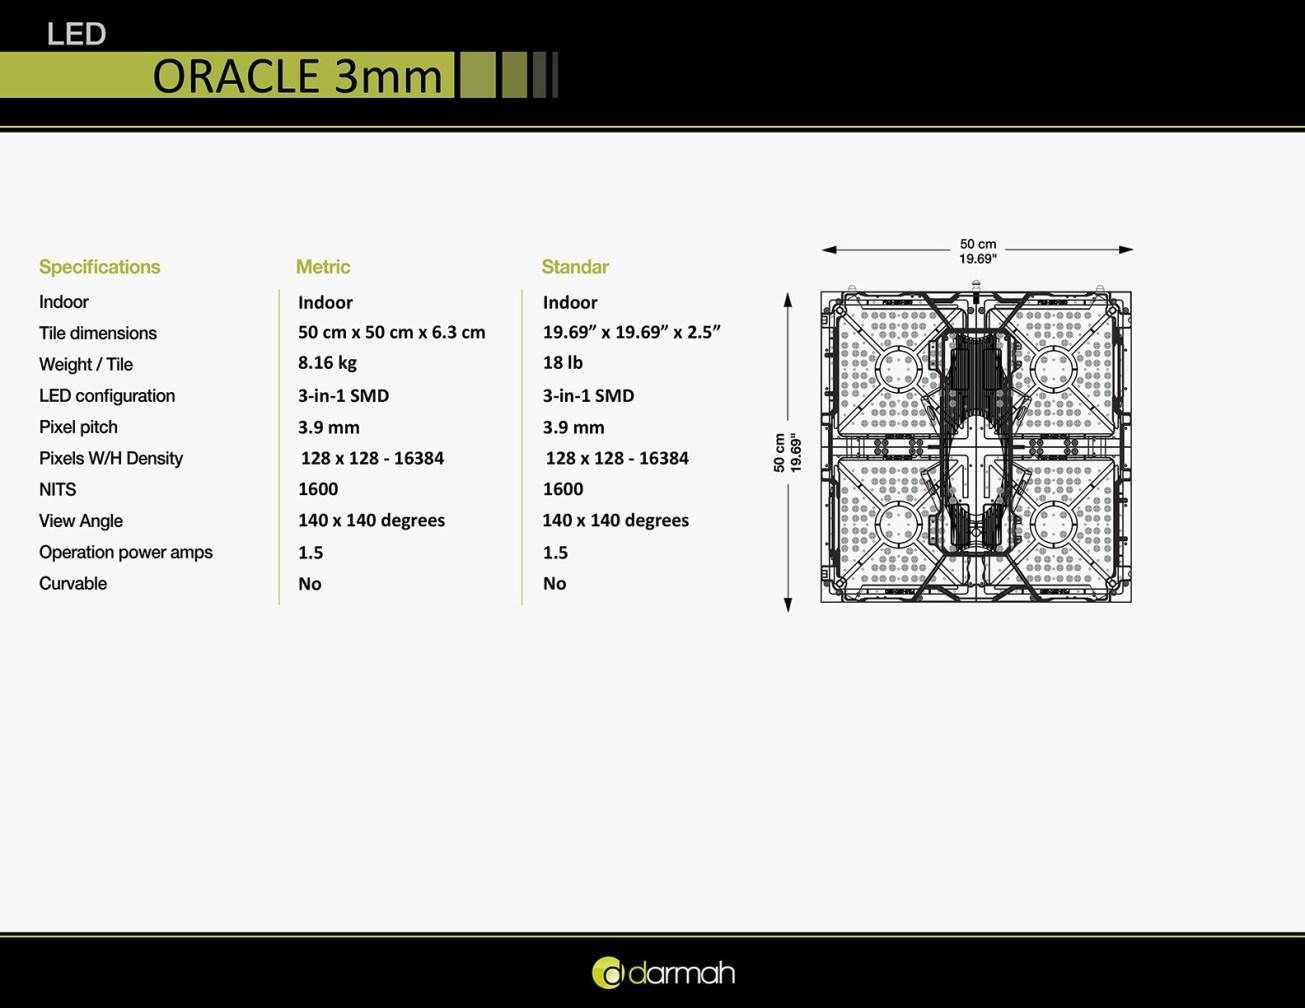 Darmah_Oracle3mm